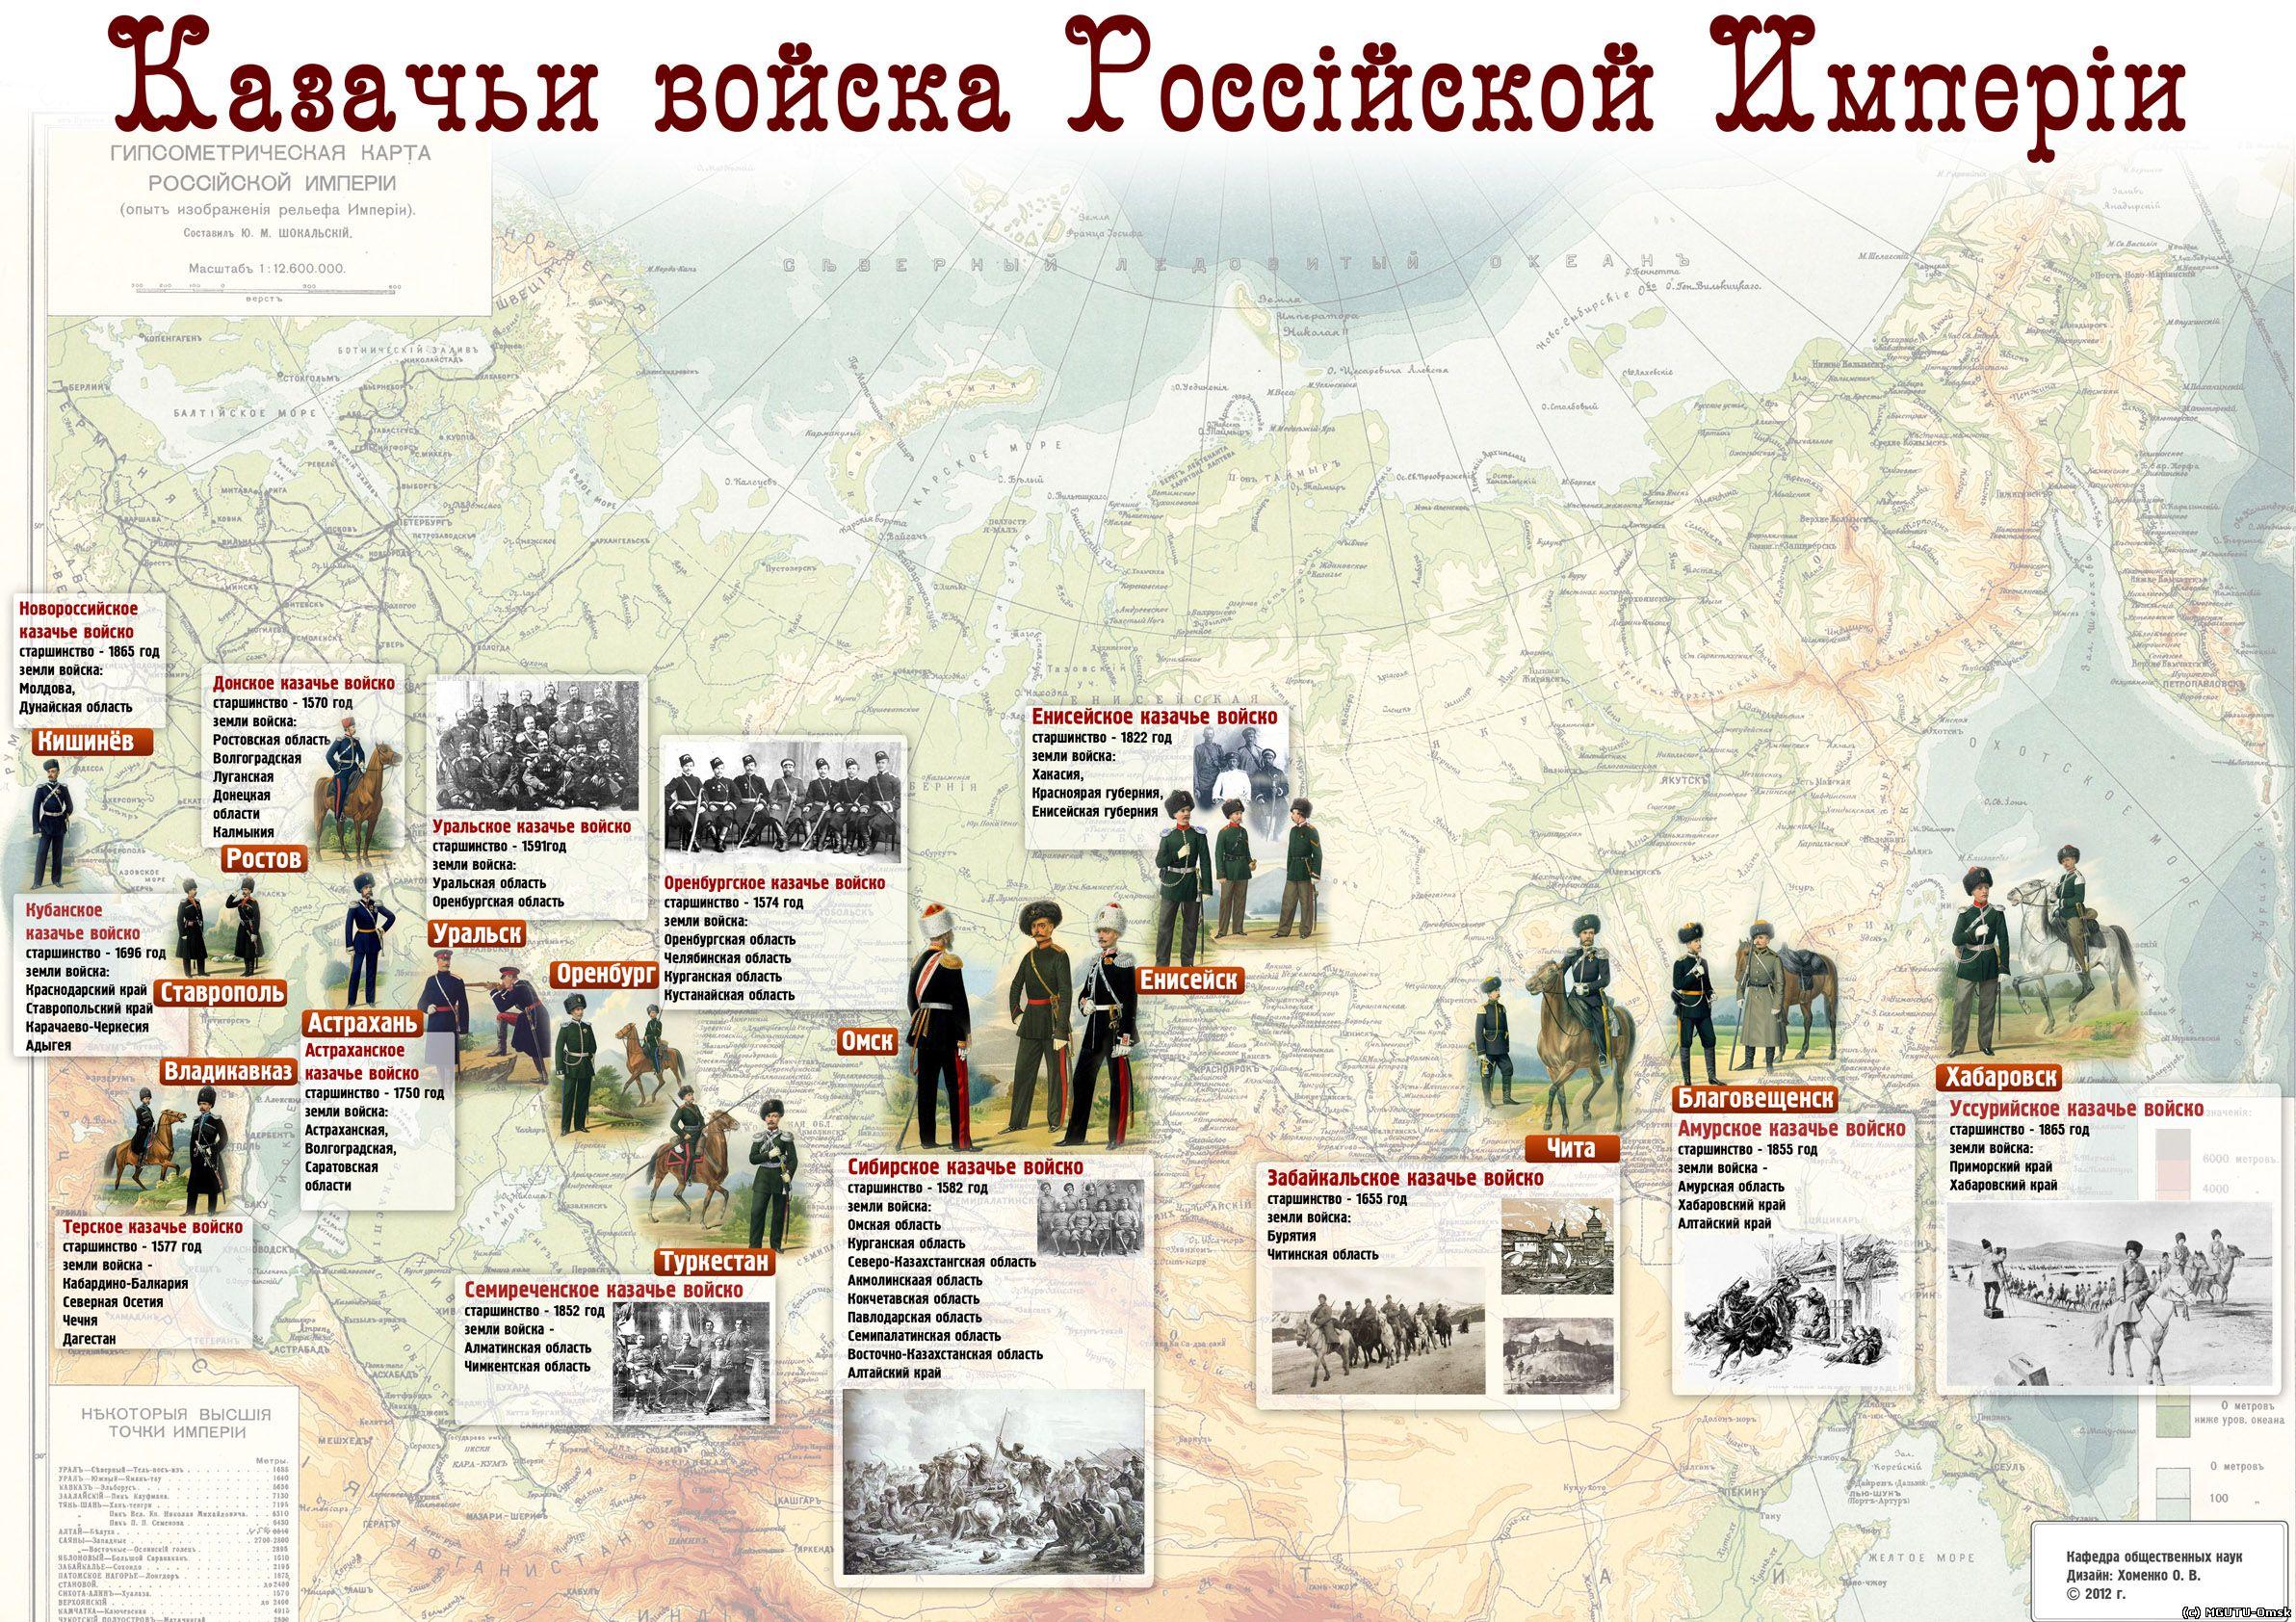 что казачьи войска российской империи карта денсо достаточно